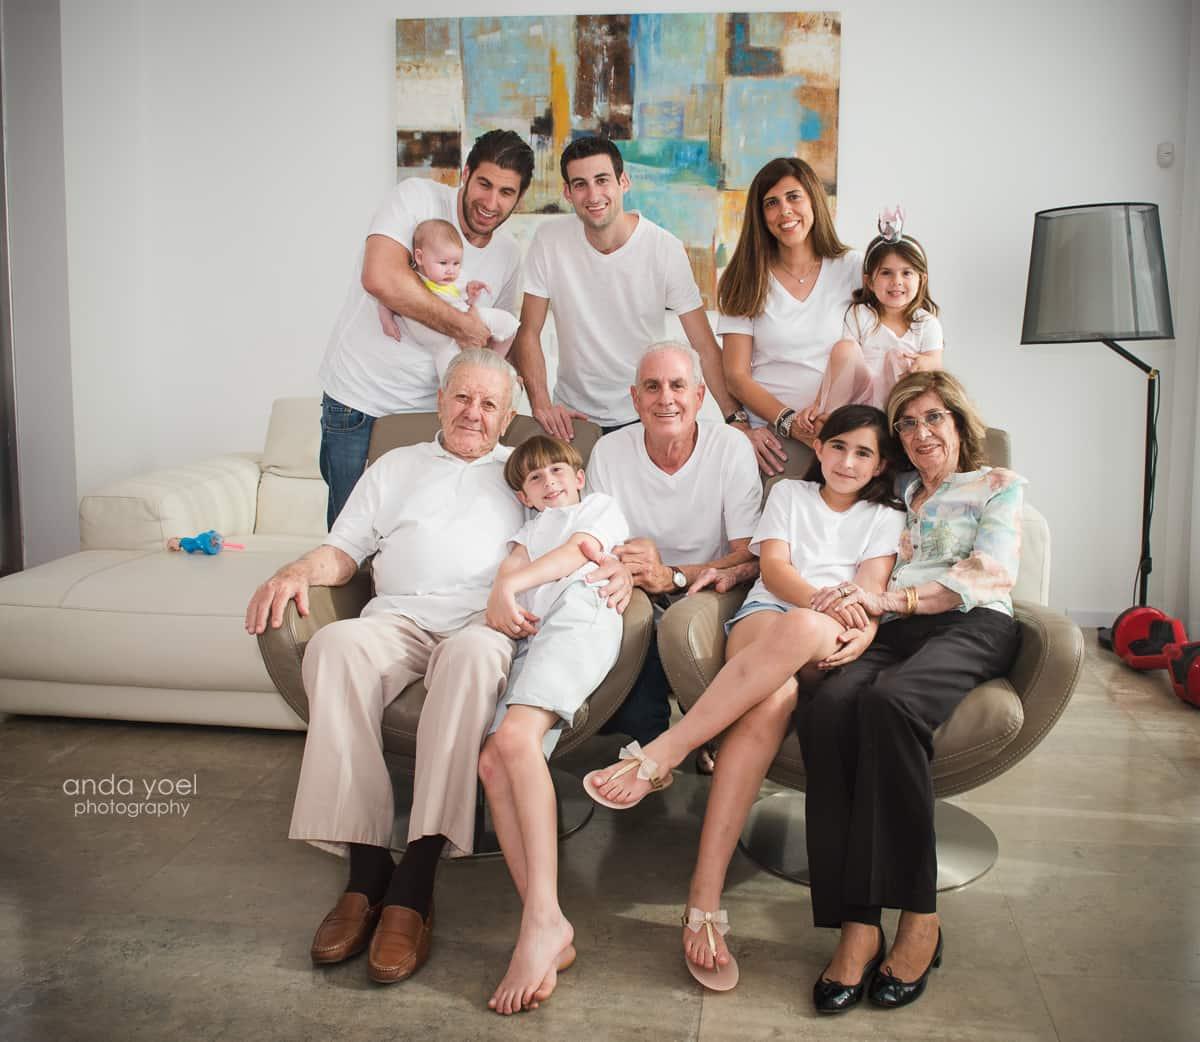 צילום משפחה מורחבת